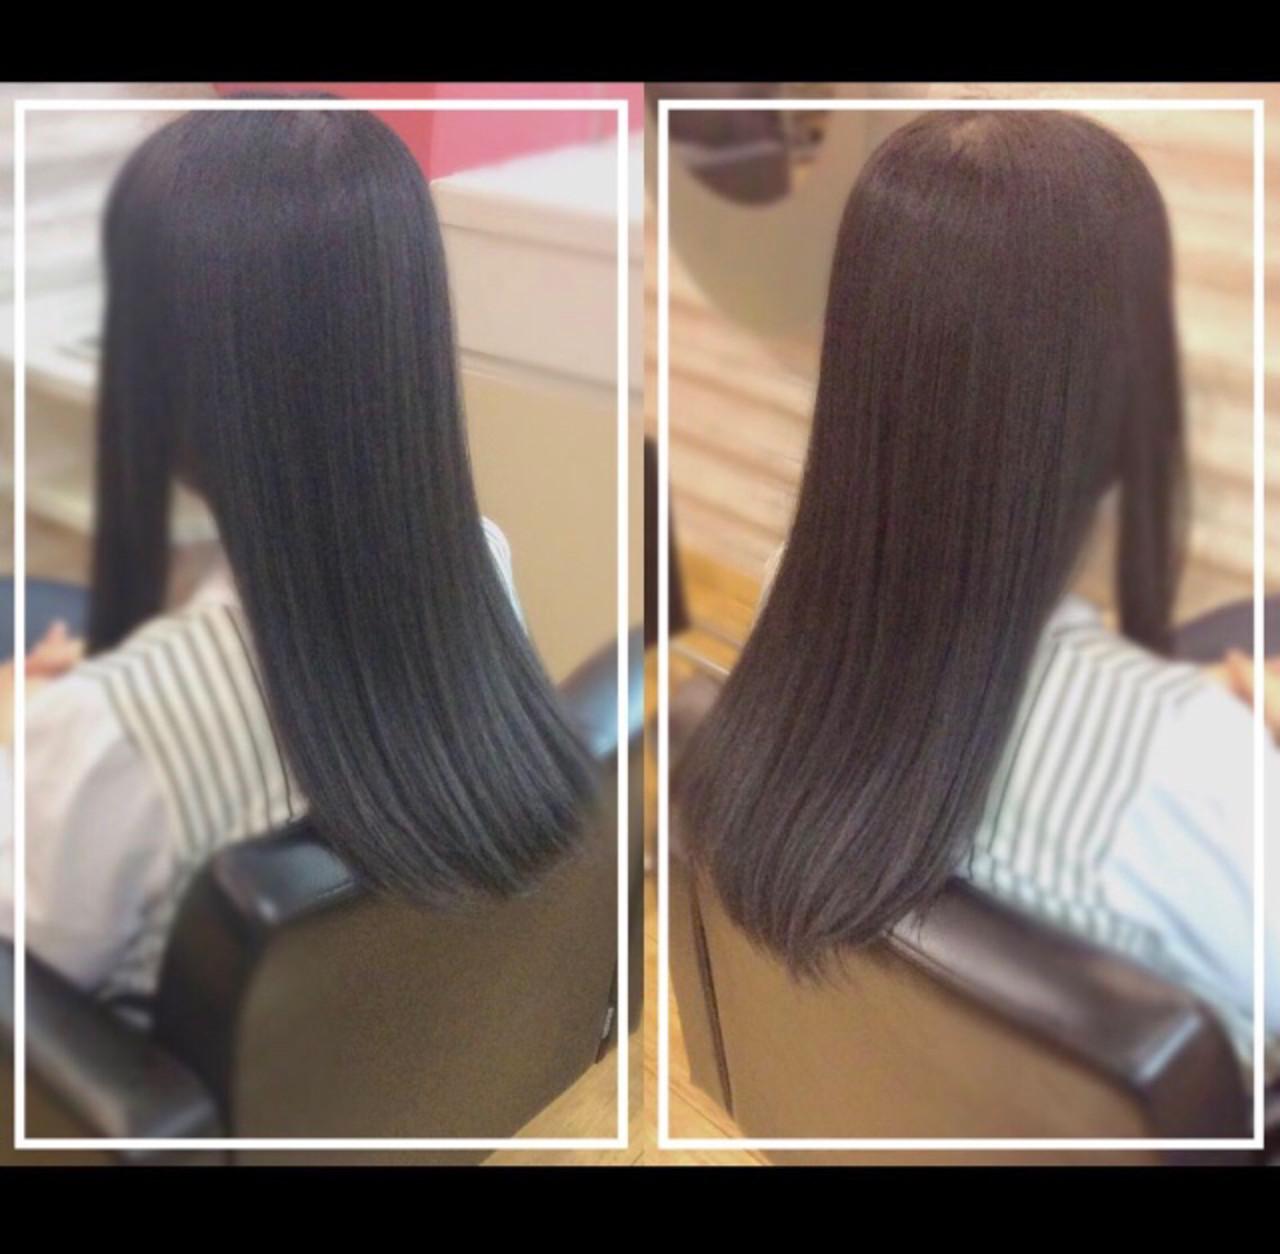 ナチュラル 髪質改善トリートメント 社会人の味方 オフィス ヘアスタイルや髪型の写真・画像 | KON / &g